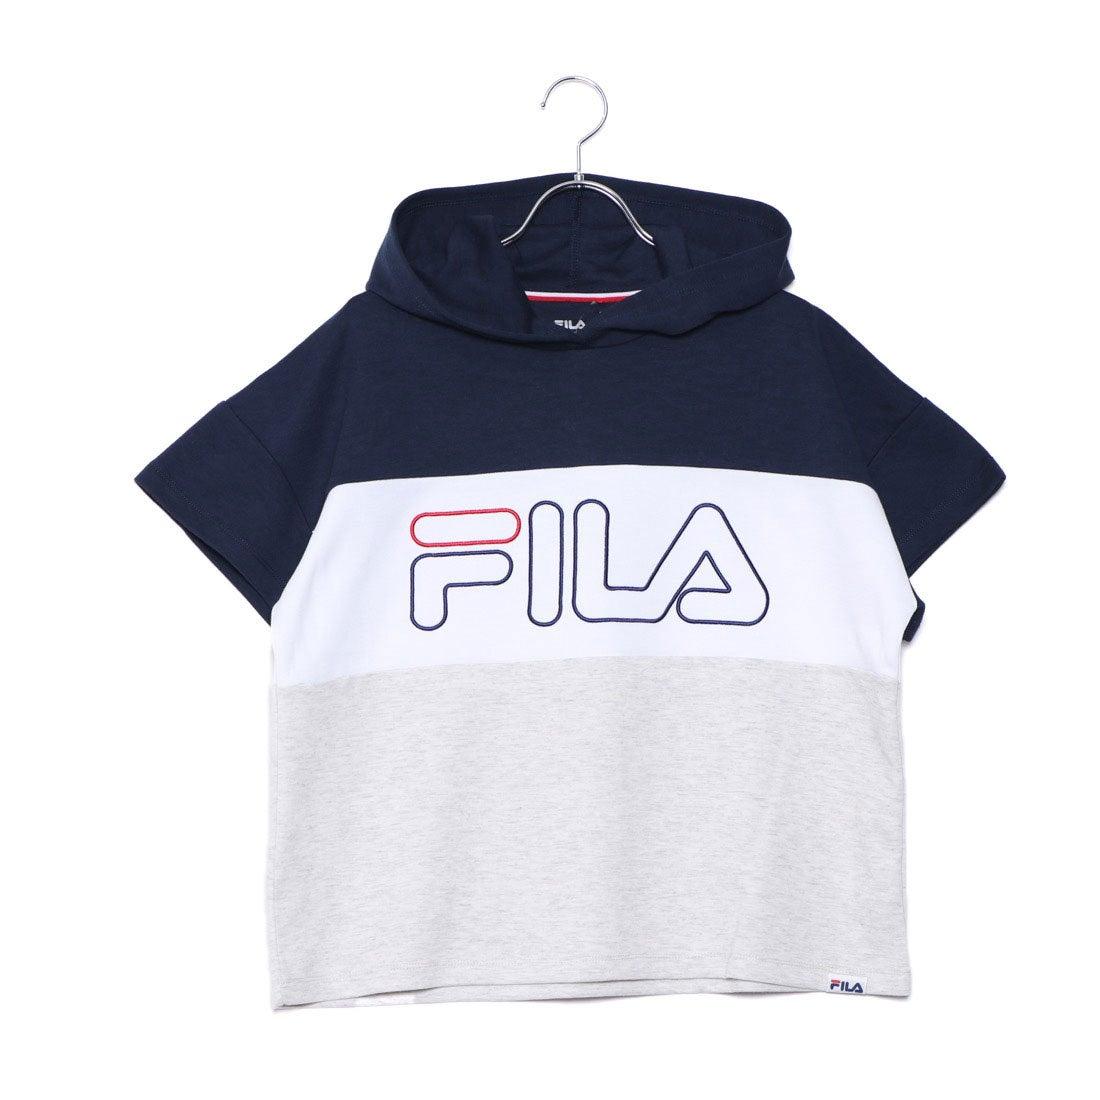 4e15d701381 フィラ FILA レディース ライフスタイル ウェア FL-9C21888TJ -レディースファッション通販 ロコンドガールズコレクション (ロココレ)